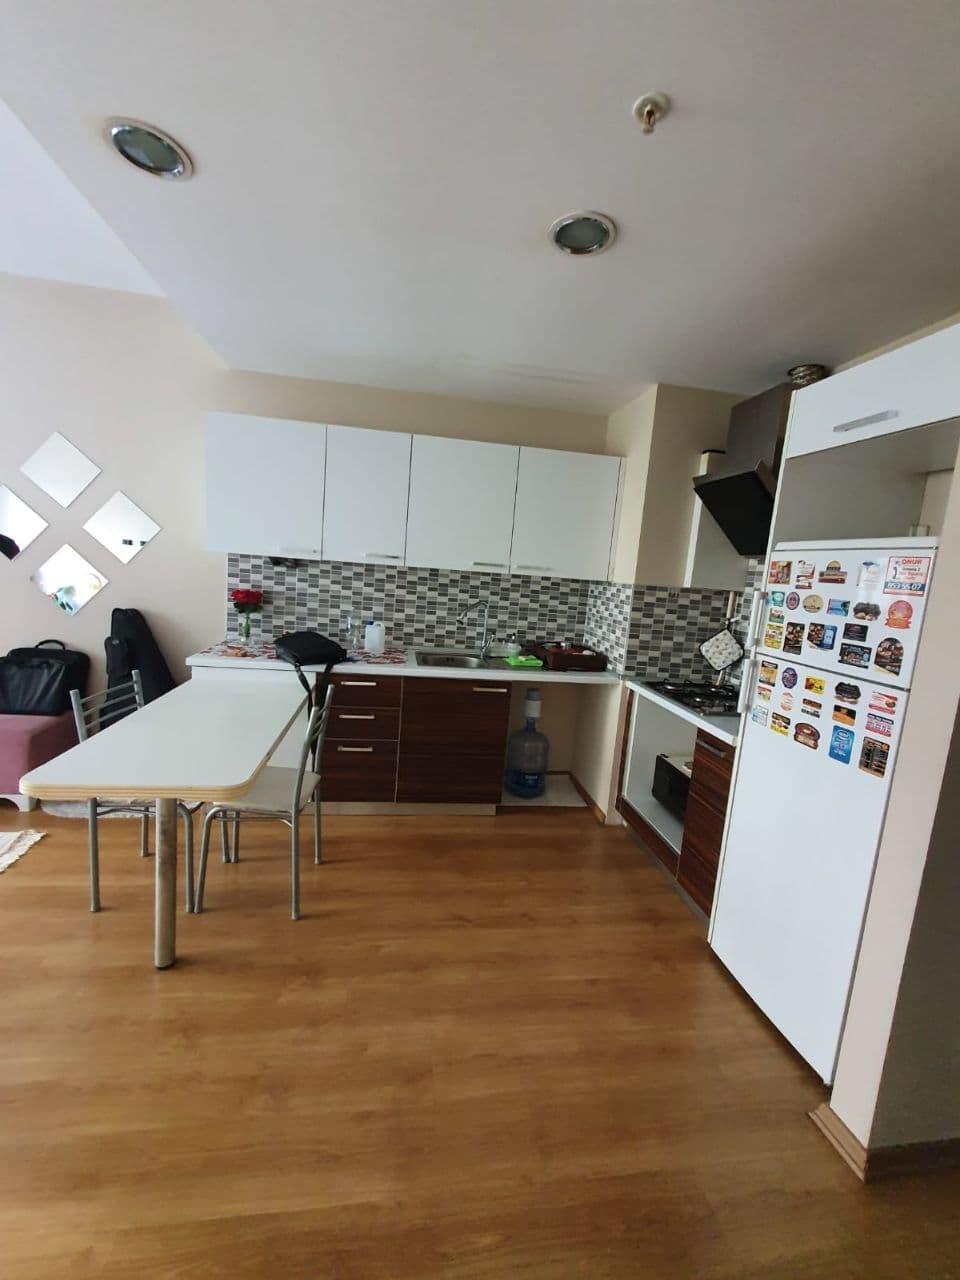 اجاره خانه در استانبول یکخوابه بیلیکدوزو